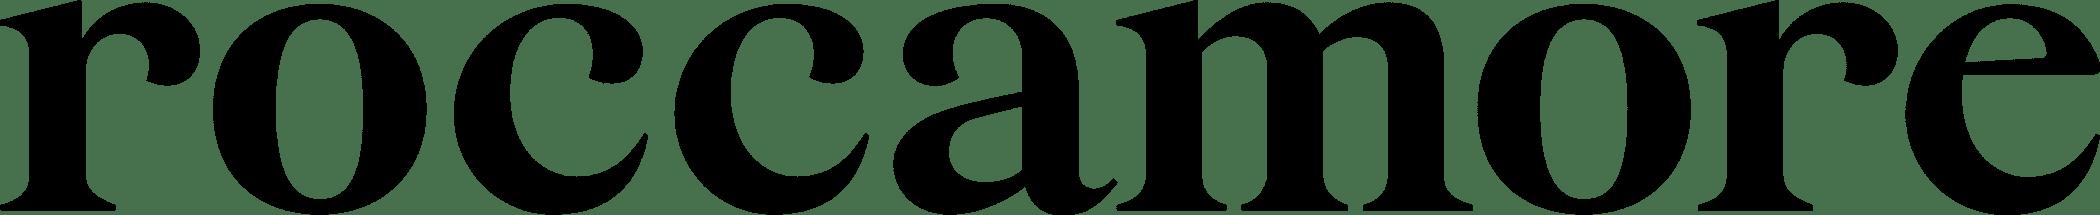 Line, Text, Font